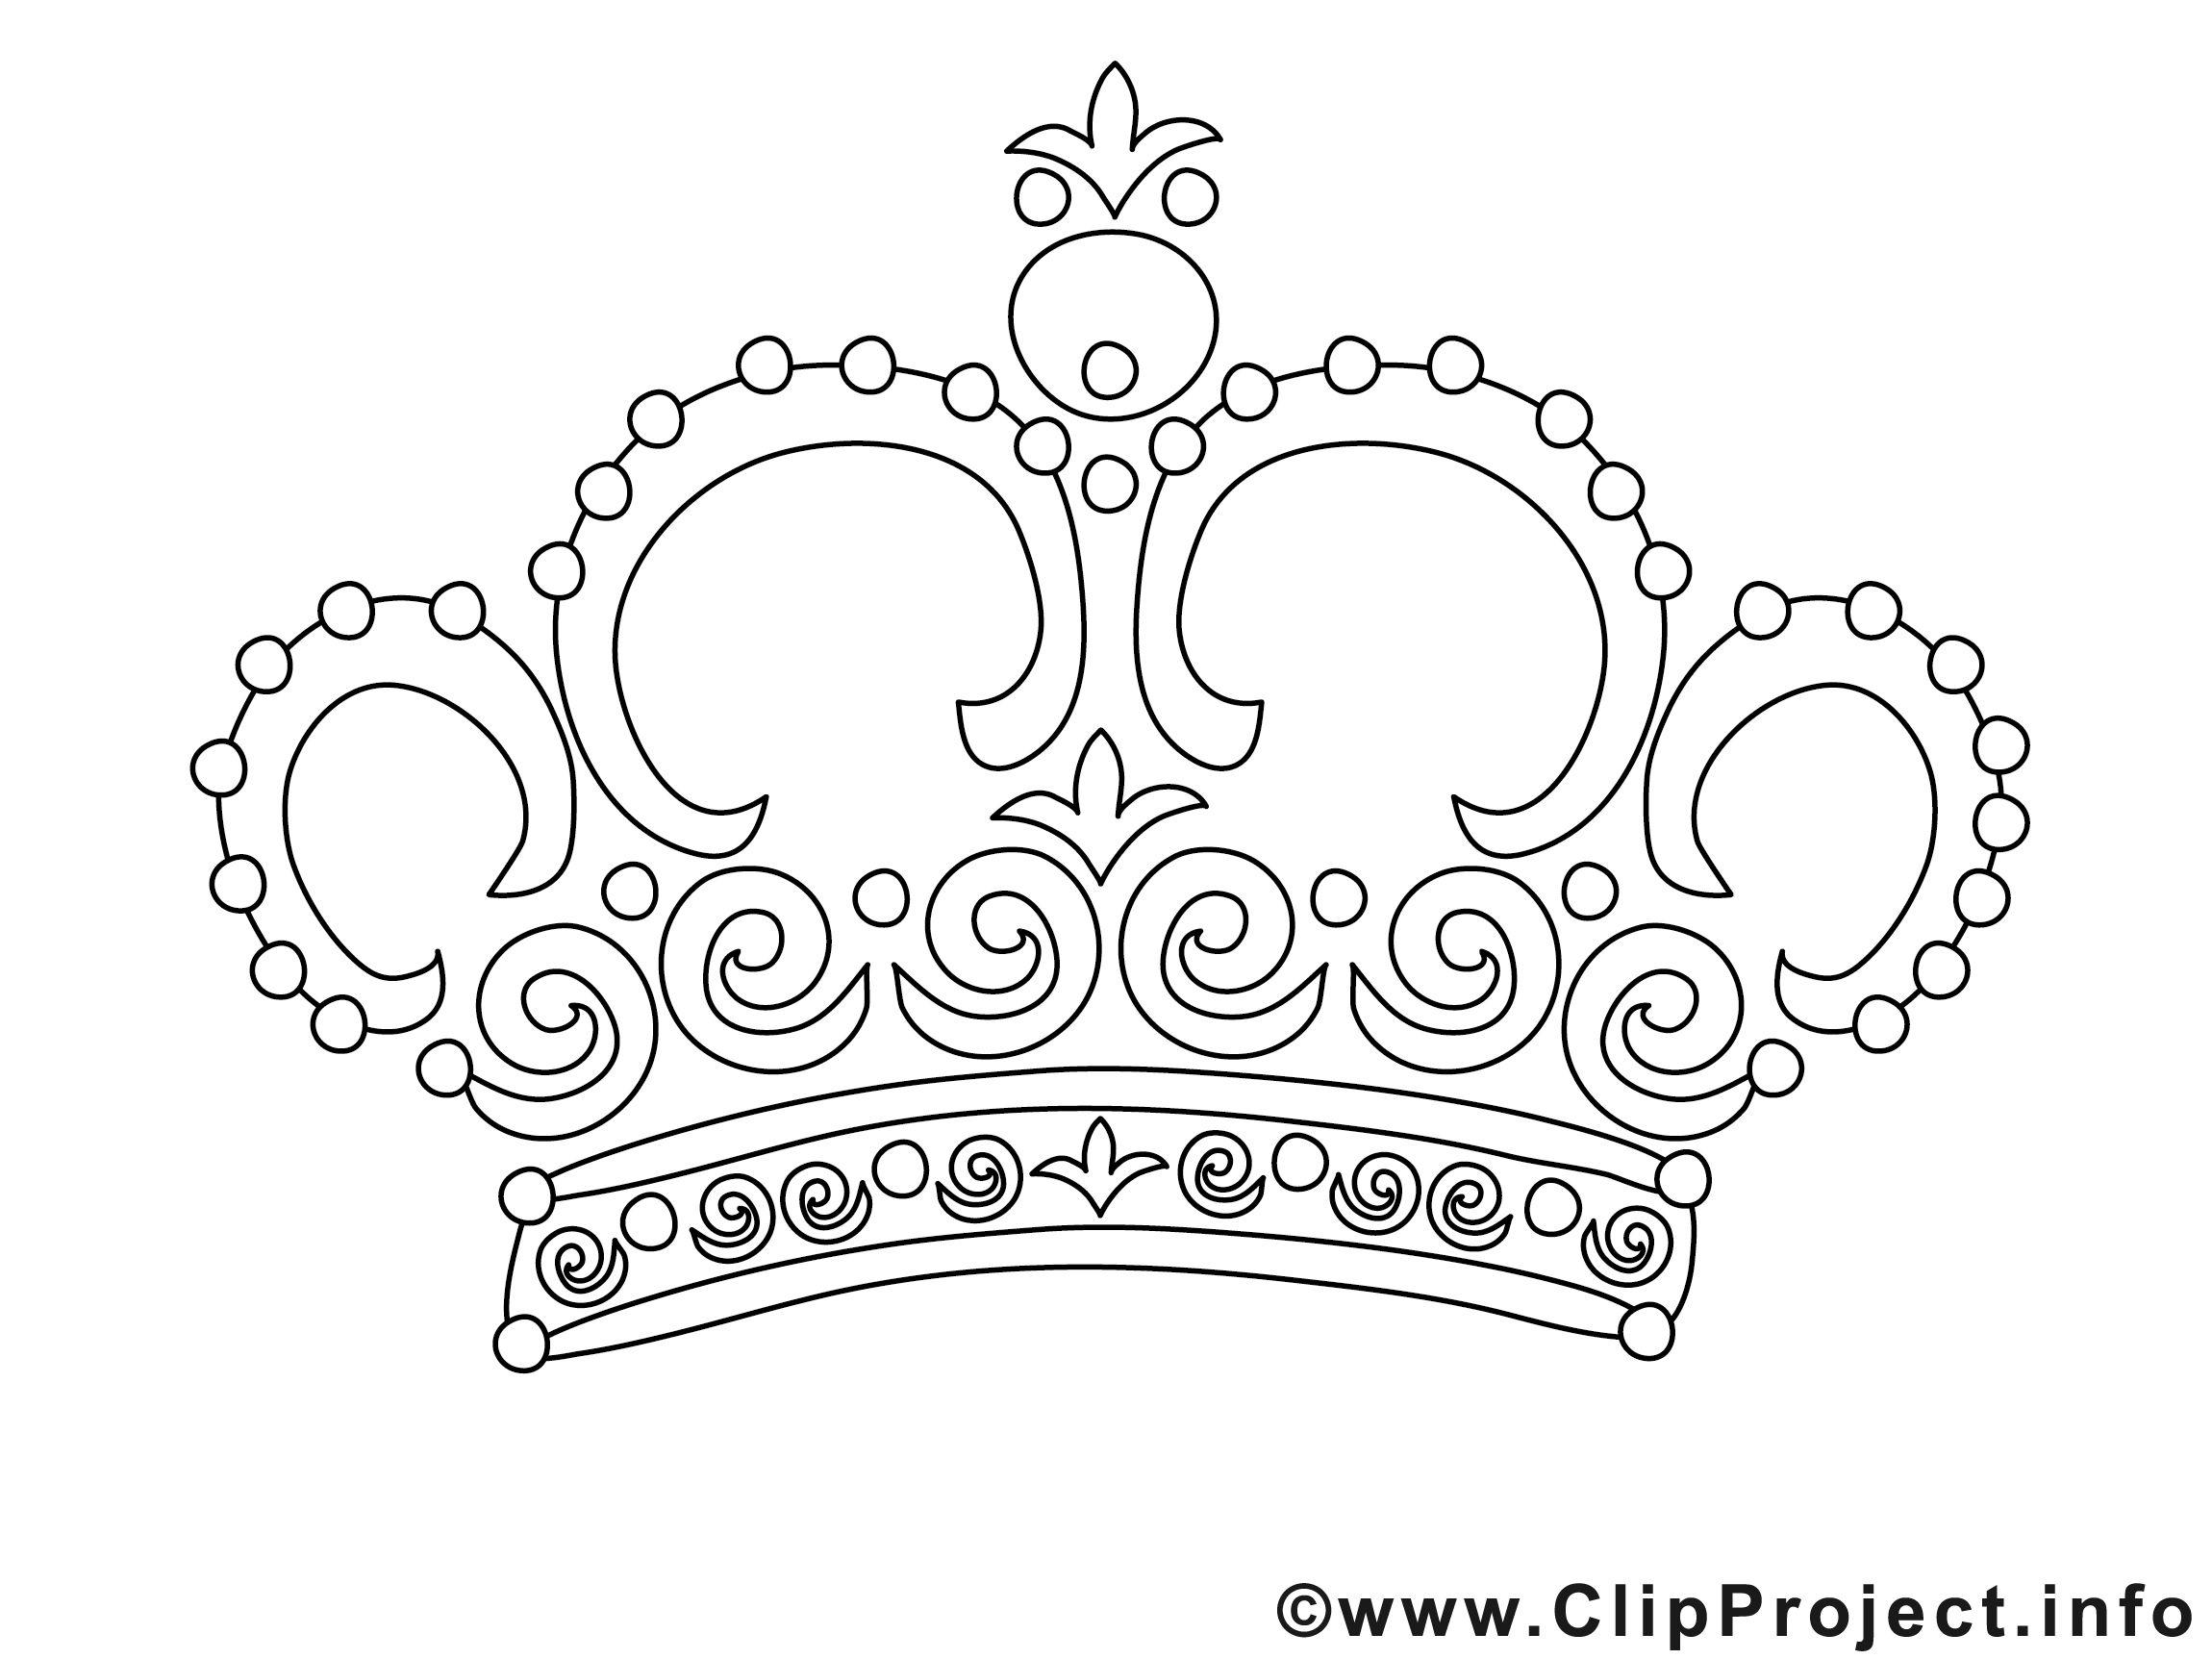 Bildergebnis Fur Krone Zum Ausmalen Malvorlagen Vorlagen Krone